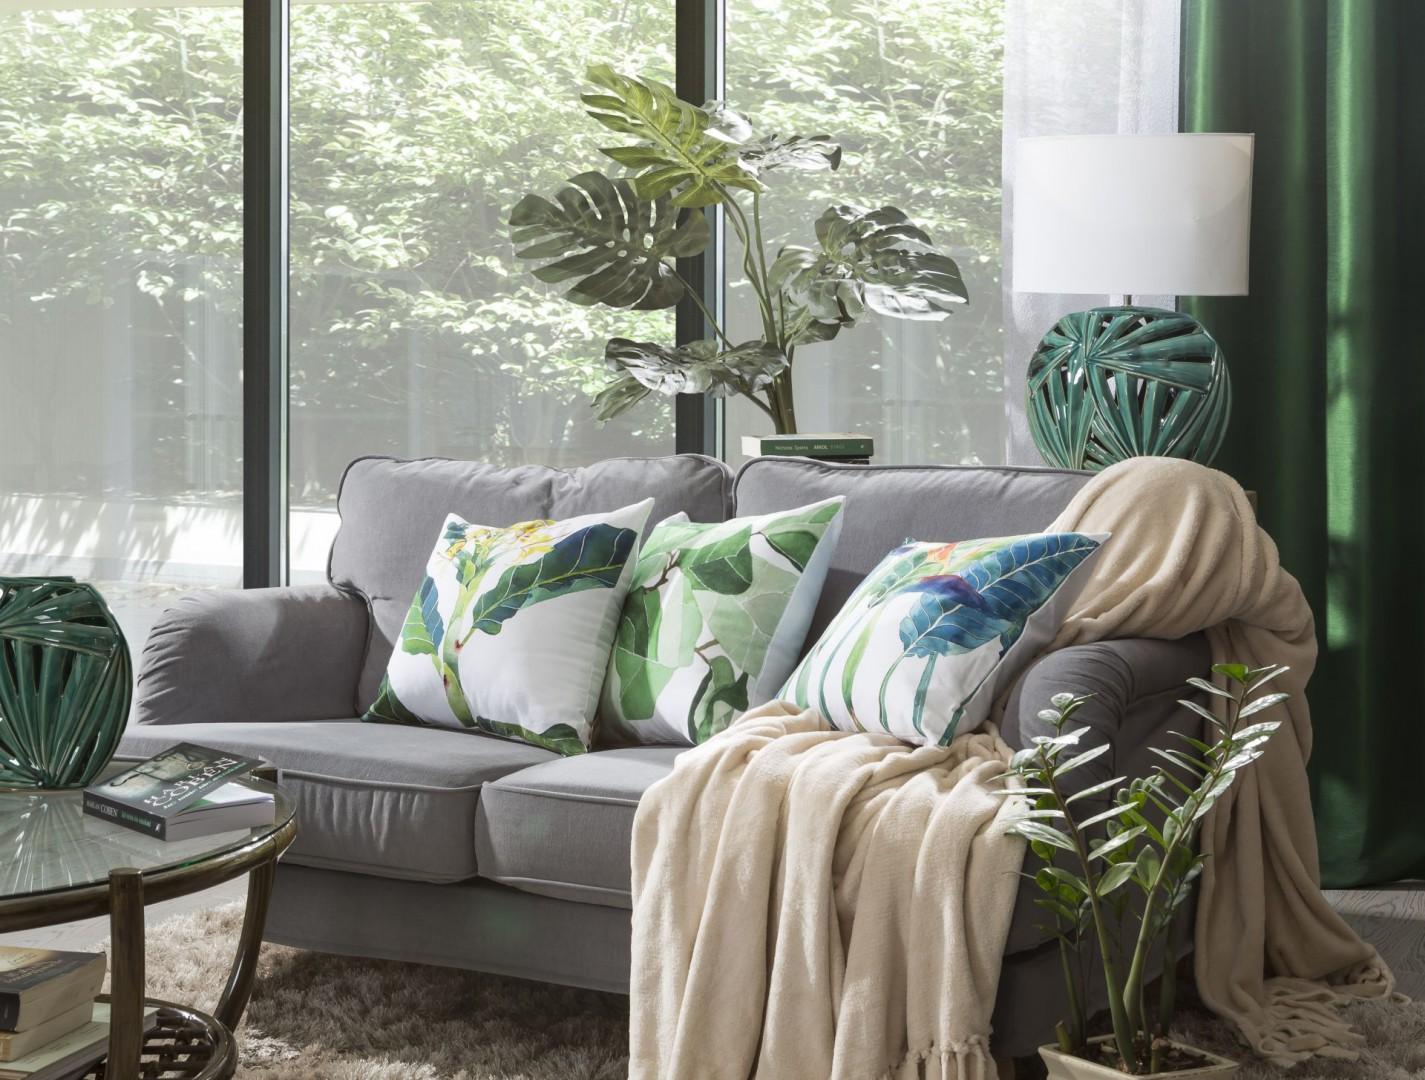 Dobierając poszewki, które ozdobią naszą kanapę, warto mieć na uwadze pozostałe tekstylia w danym pomieszczeniu, jak np. zasłony czy obrus na stole. Fot. Eurofirany